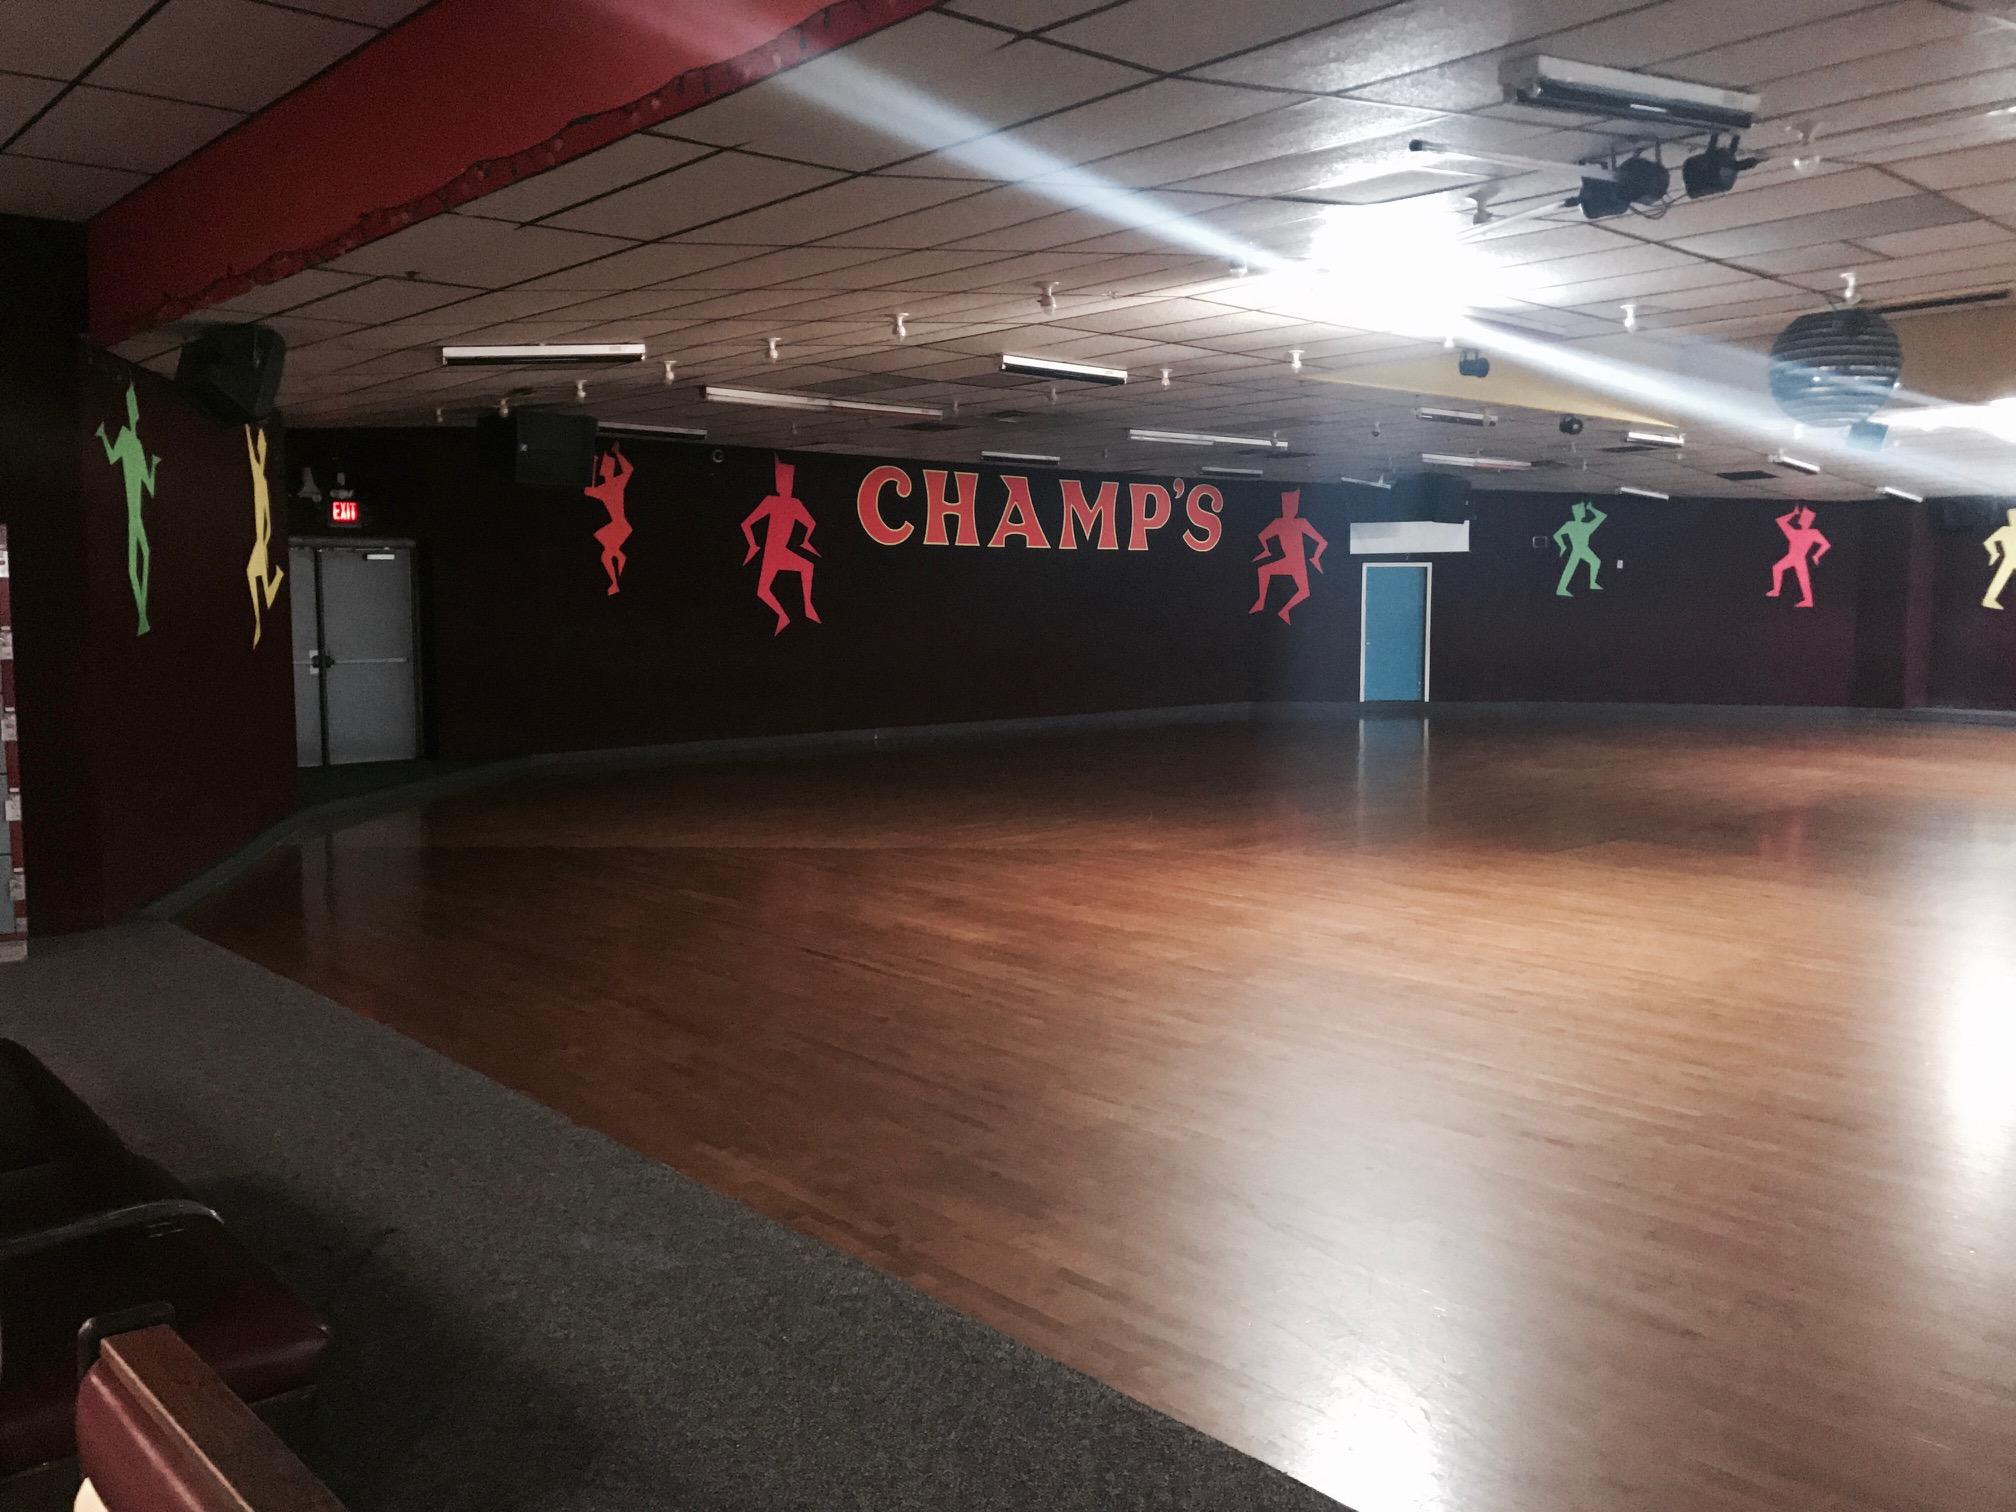 Champs Floor